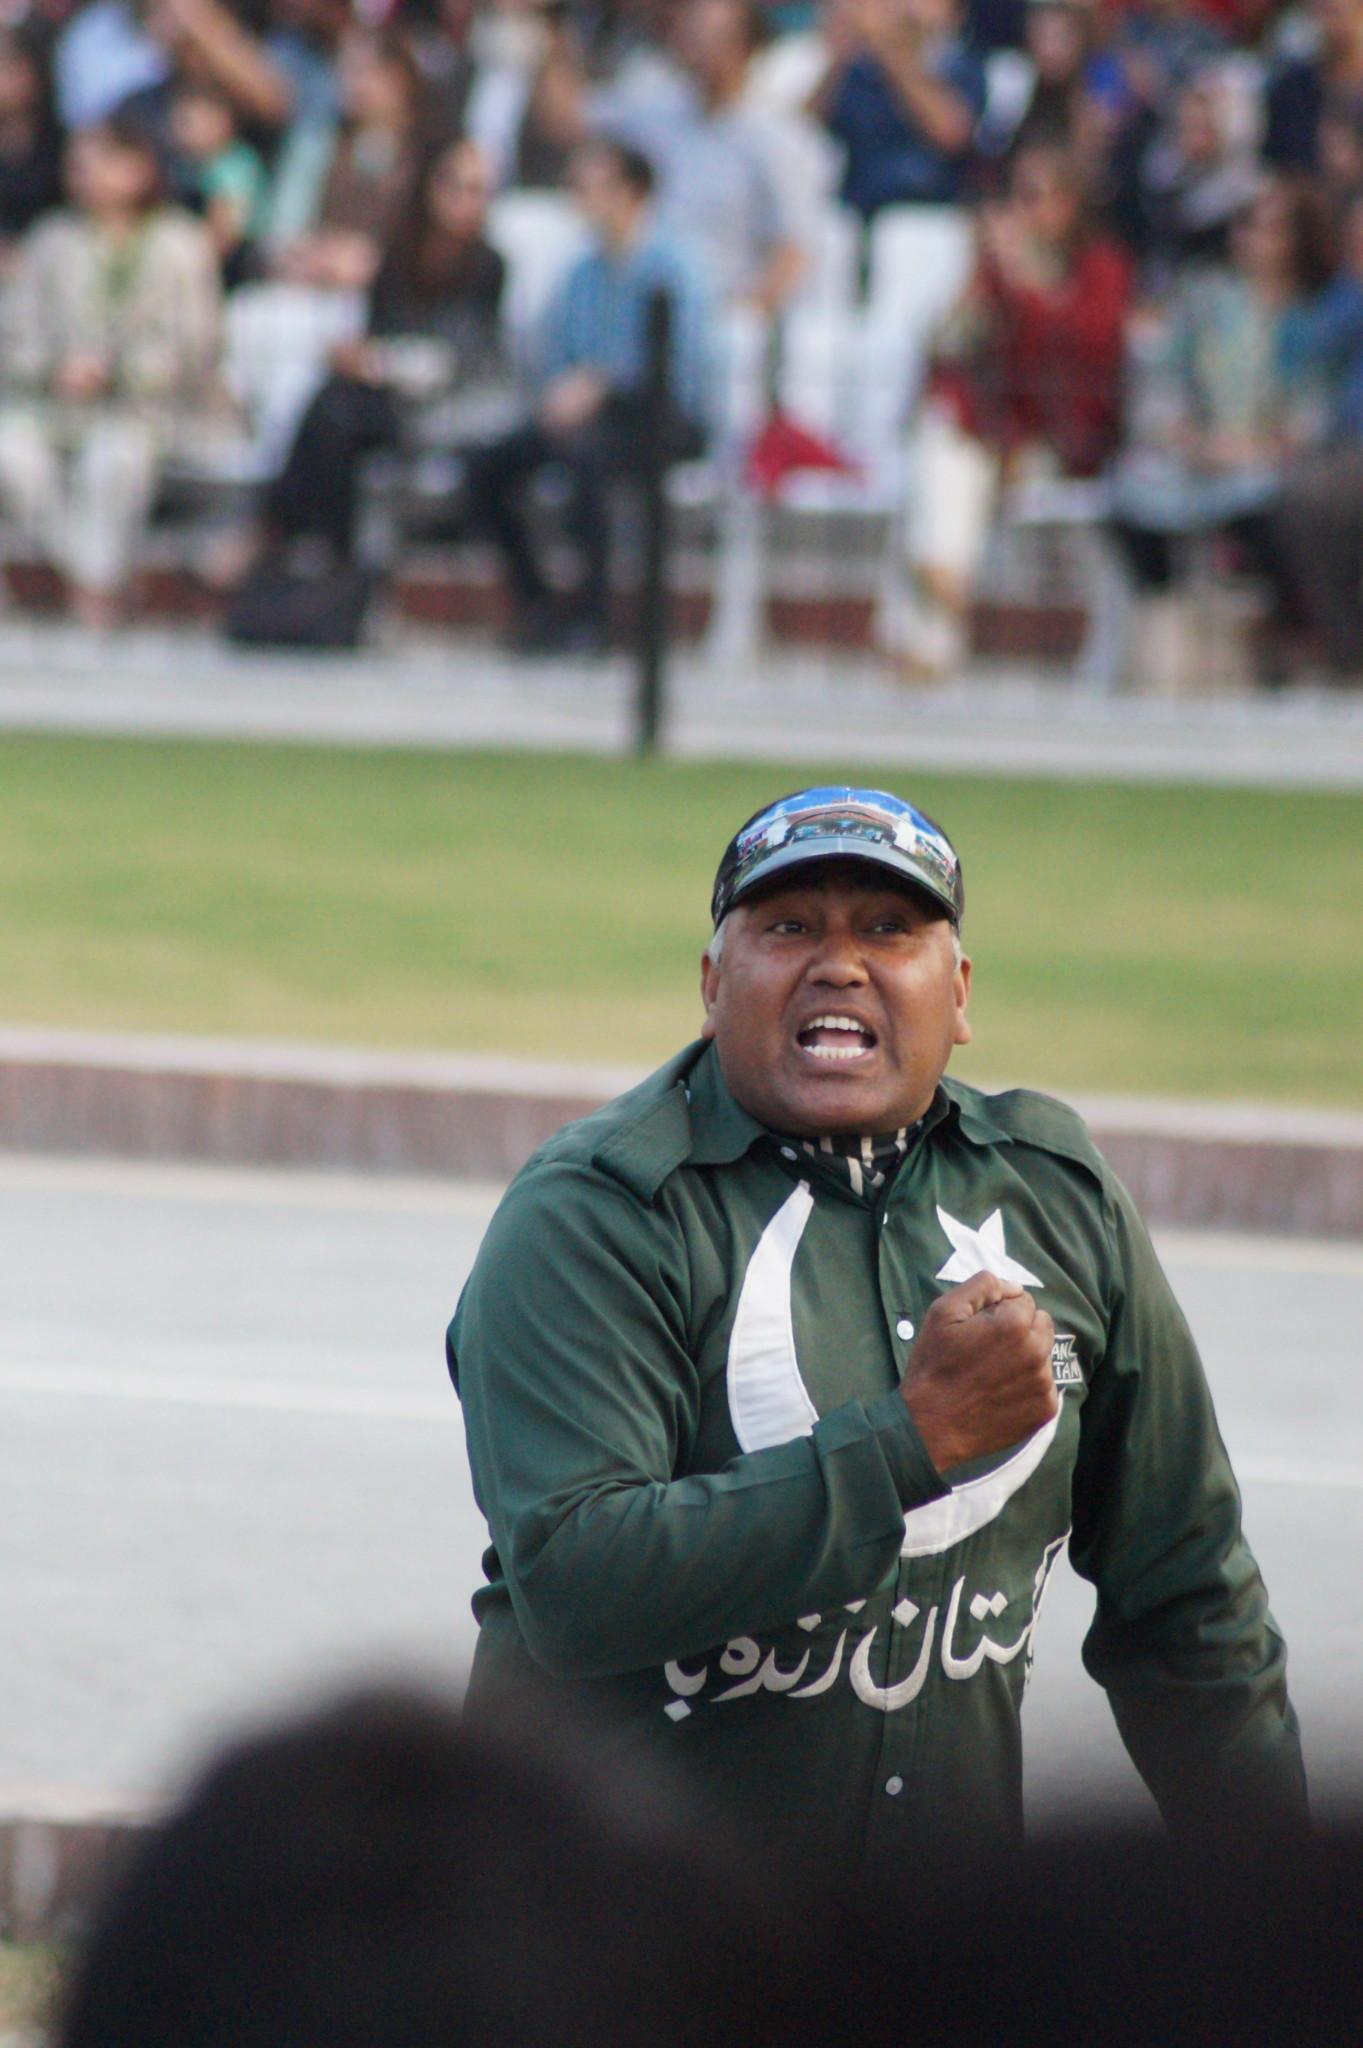 Die Wagah Border Grenzzeremonie darf auf der Pakistan Route nicht fehlen